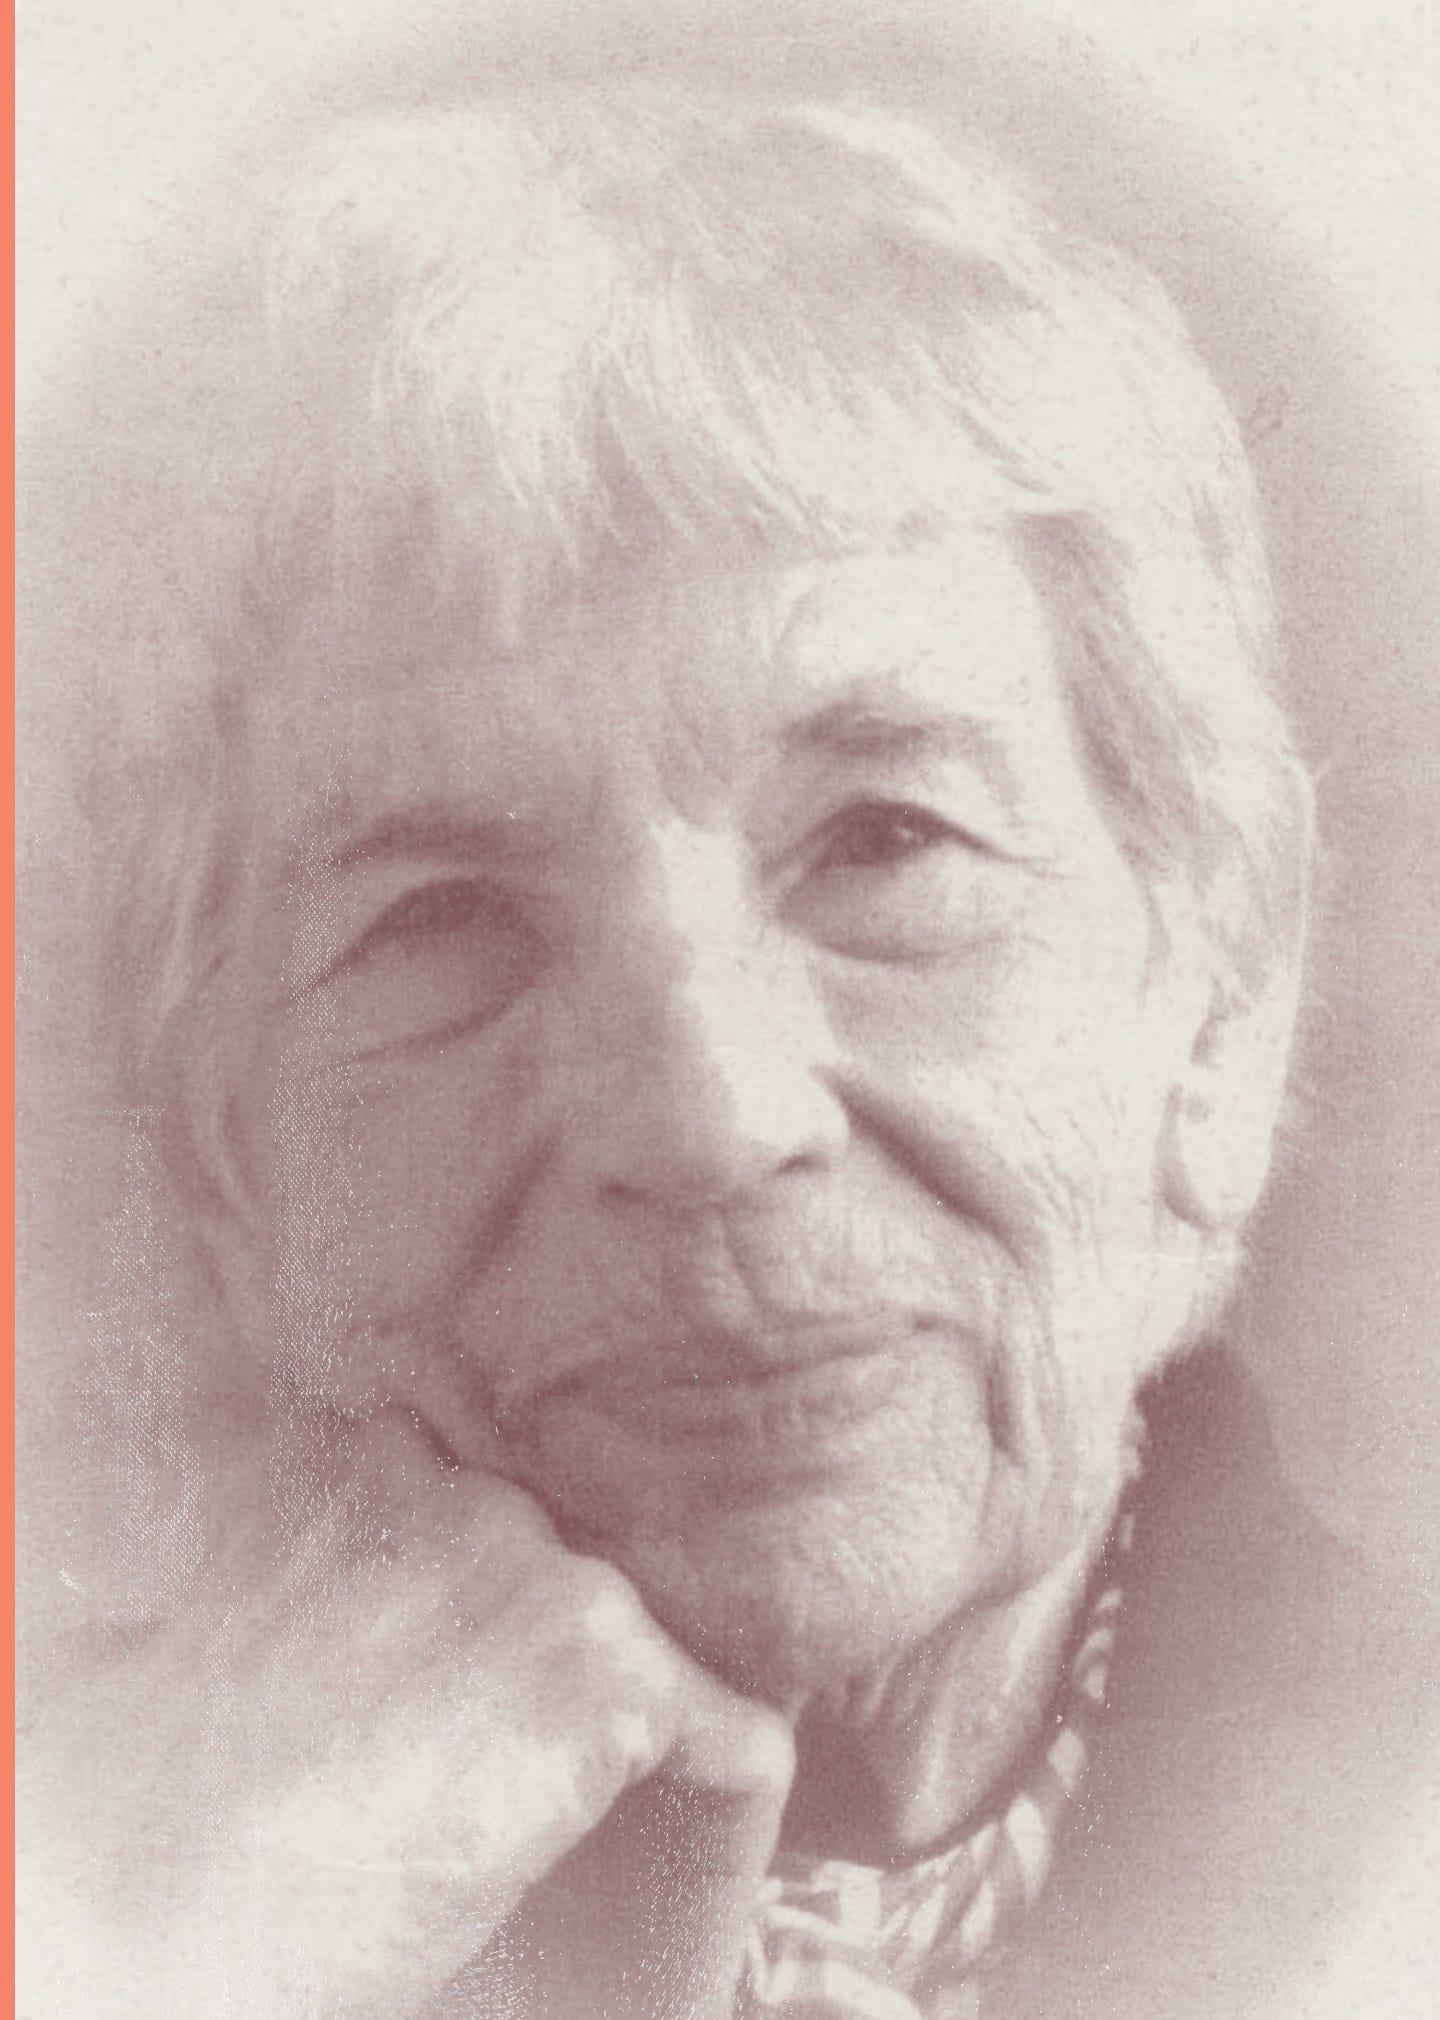 Antoinette Downing